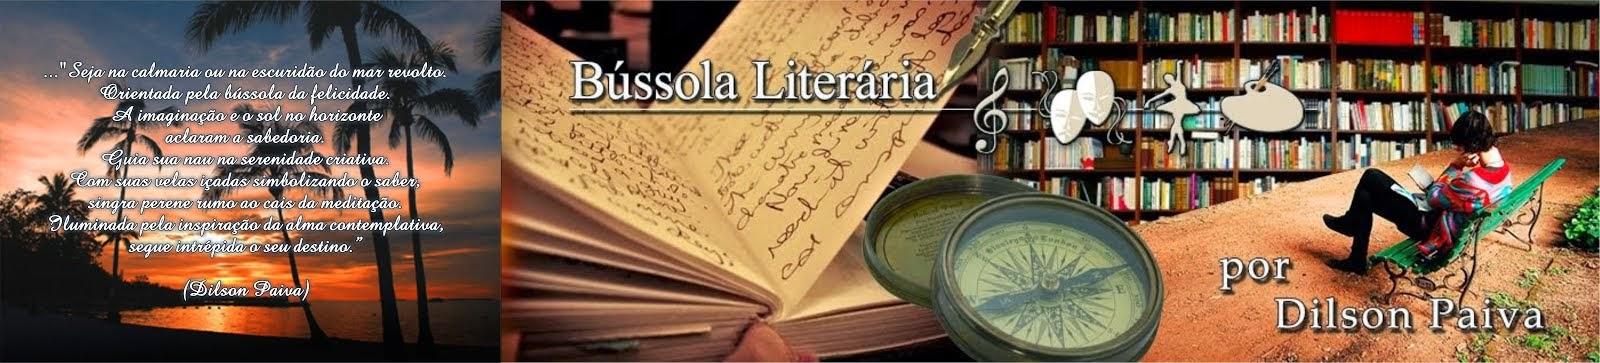 Bússola Literária